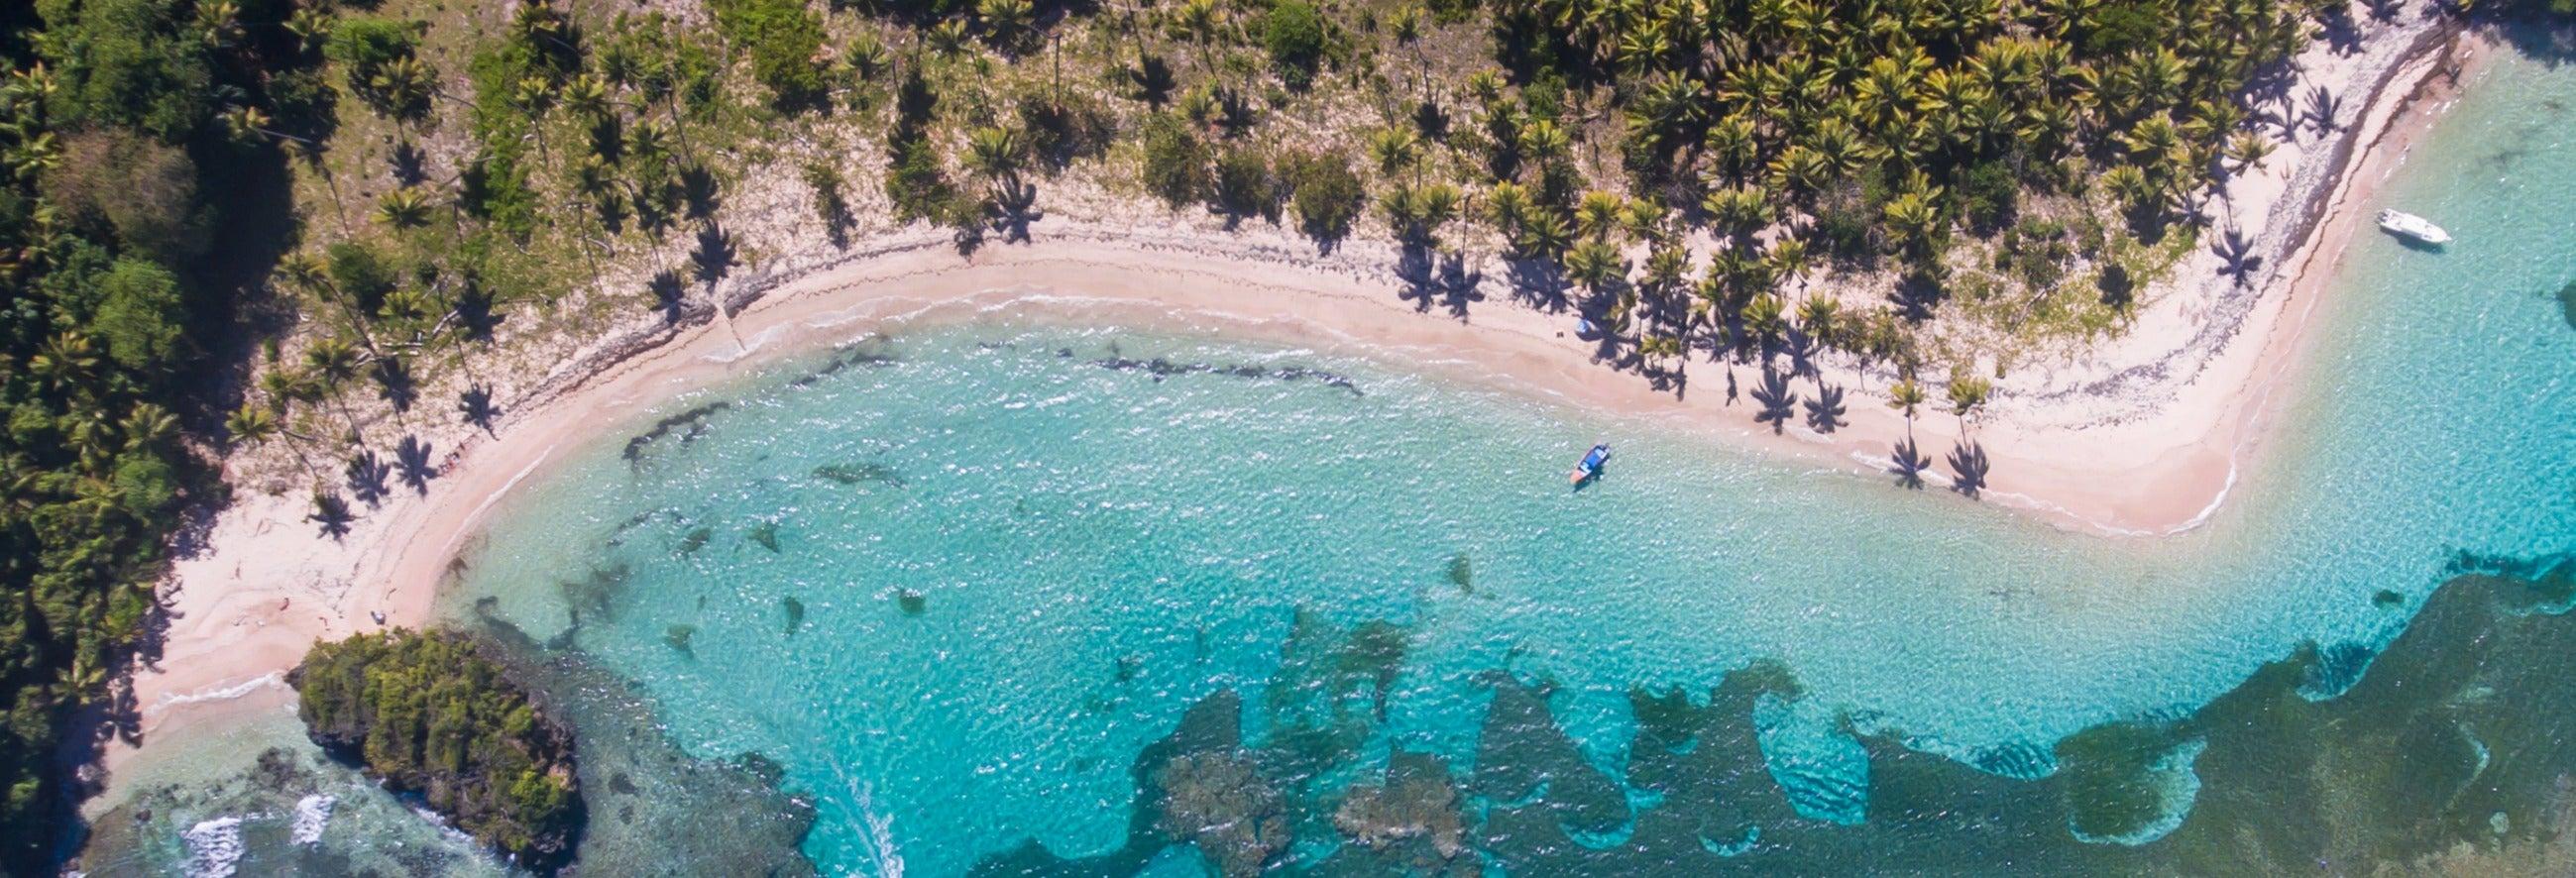 Excursão às praias Onda e Ermitaño